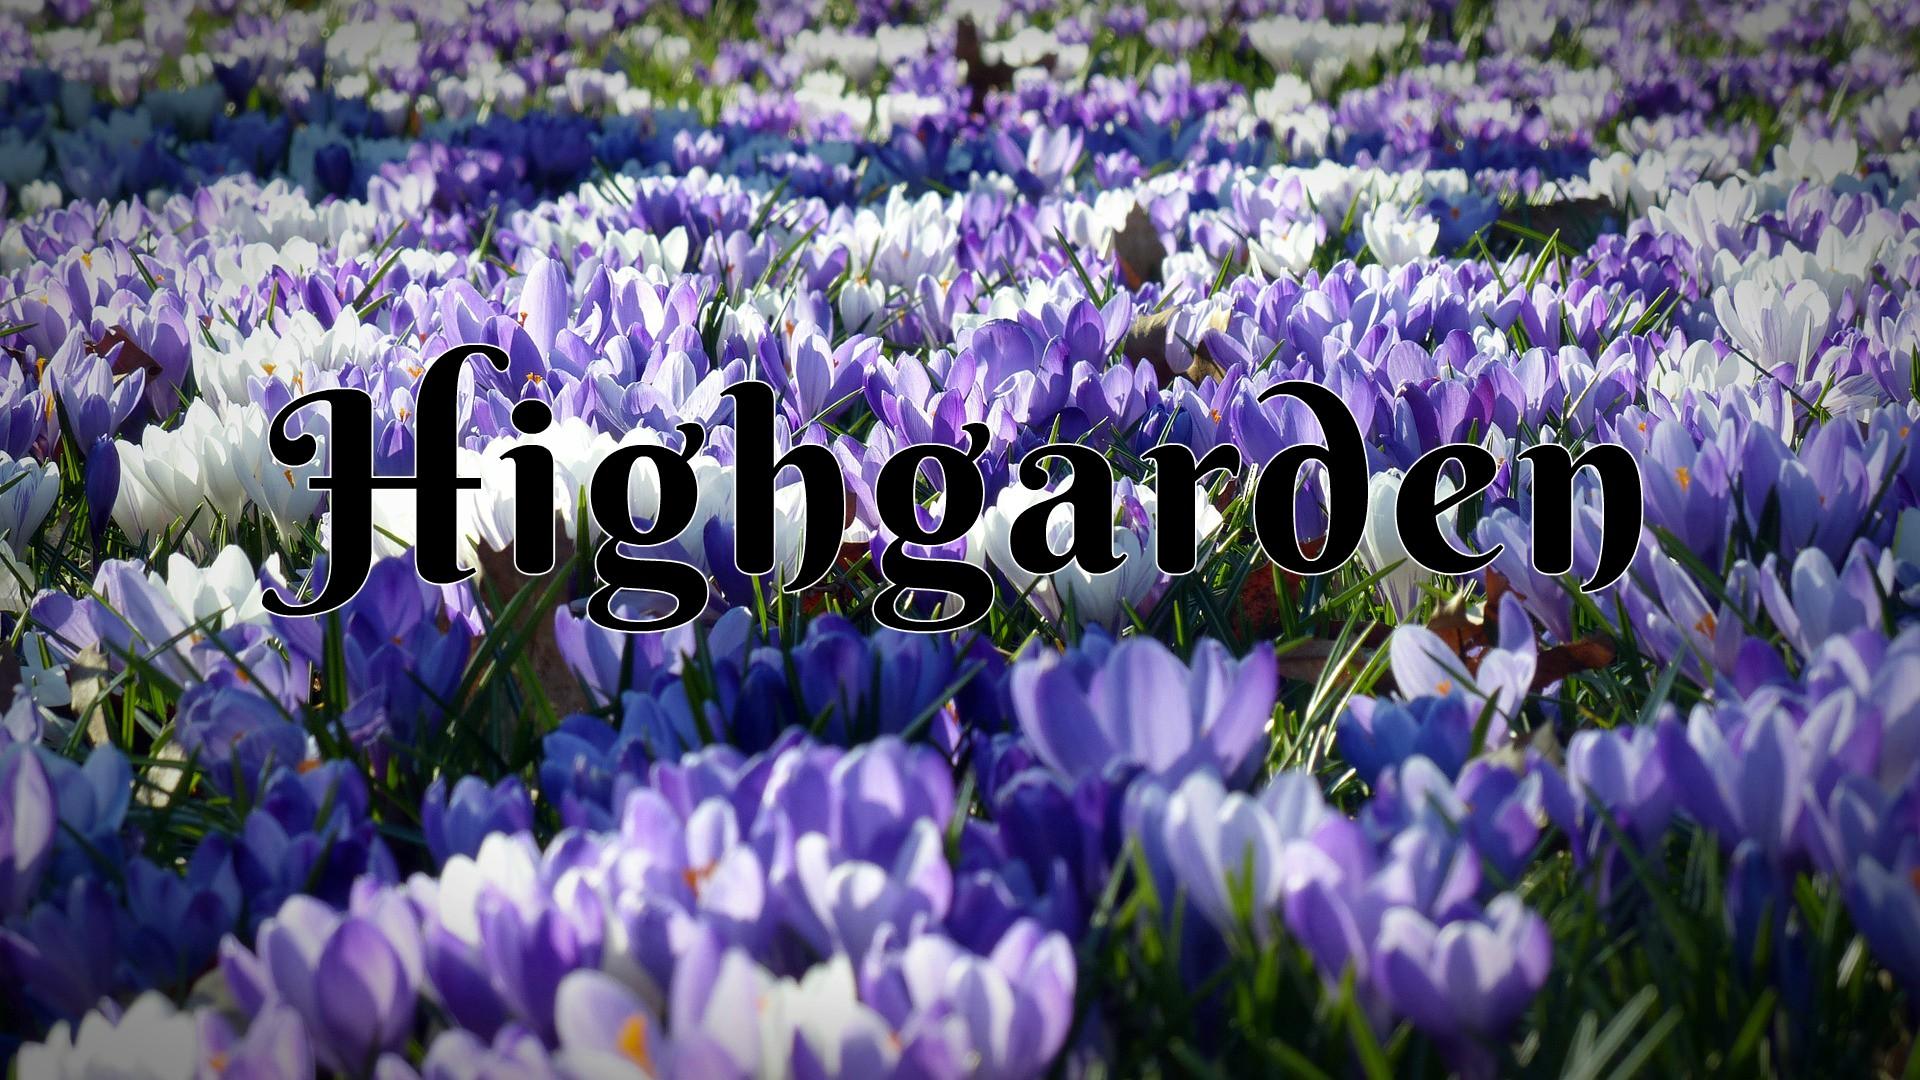 Highgarden.jpg